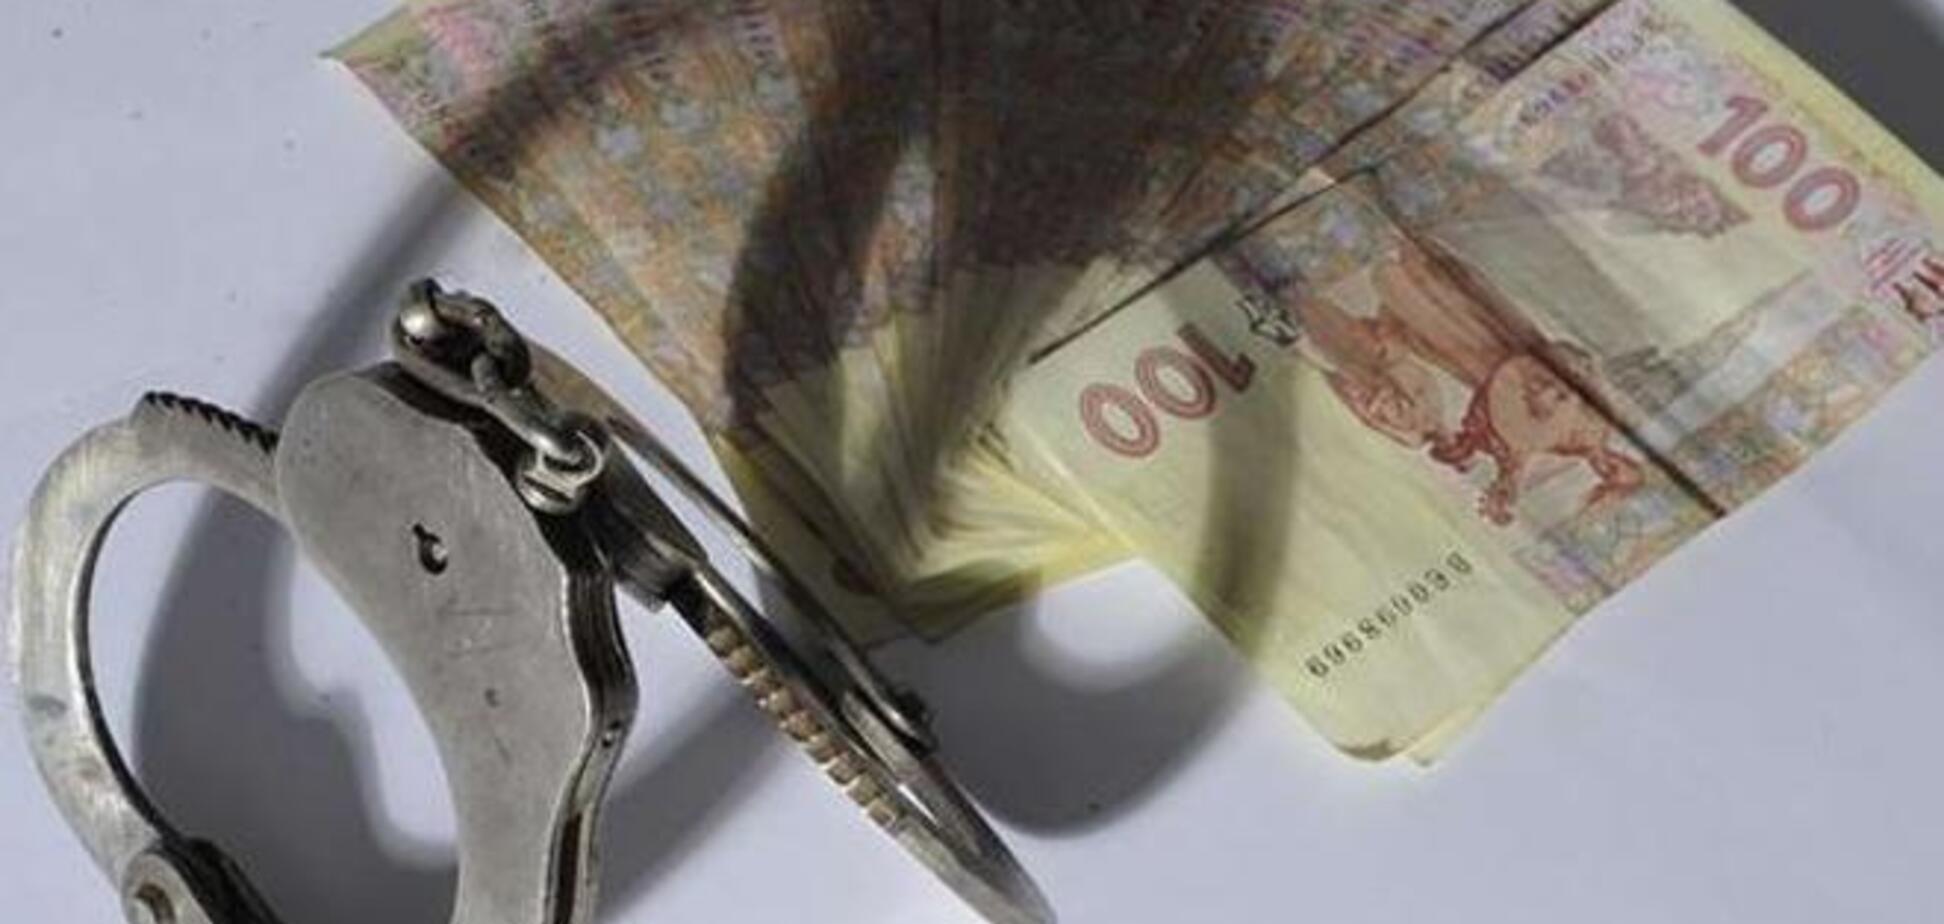 Україна і Швейцарія домовляються про повернення грошей 'сім'ї'